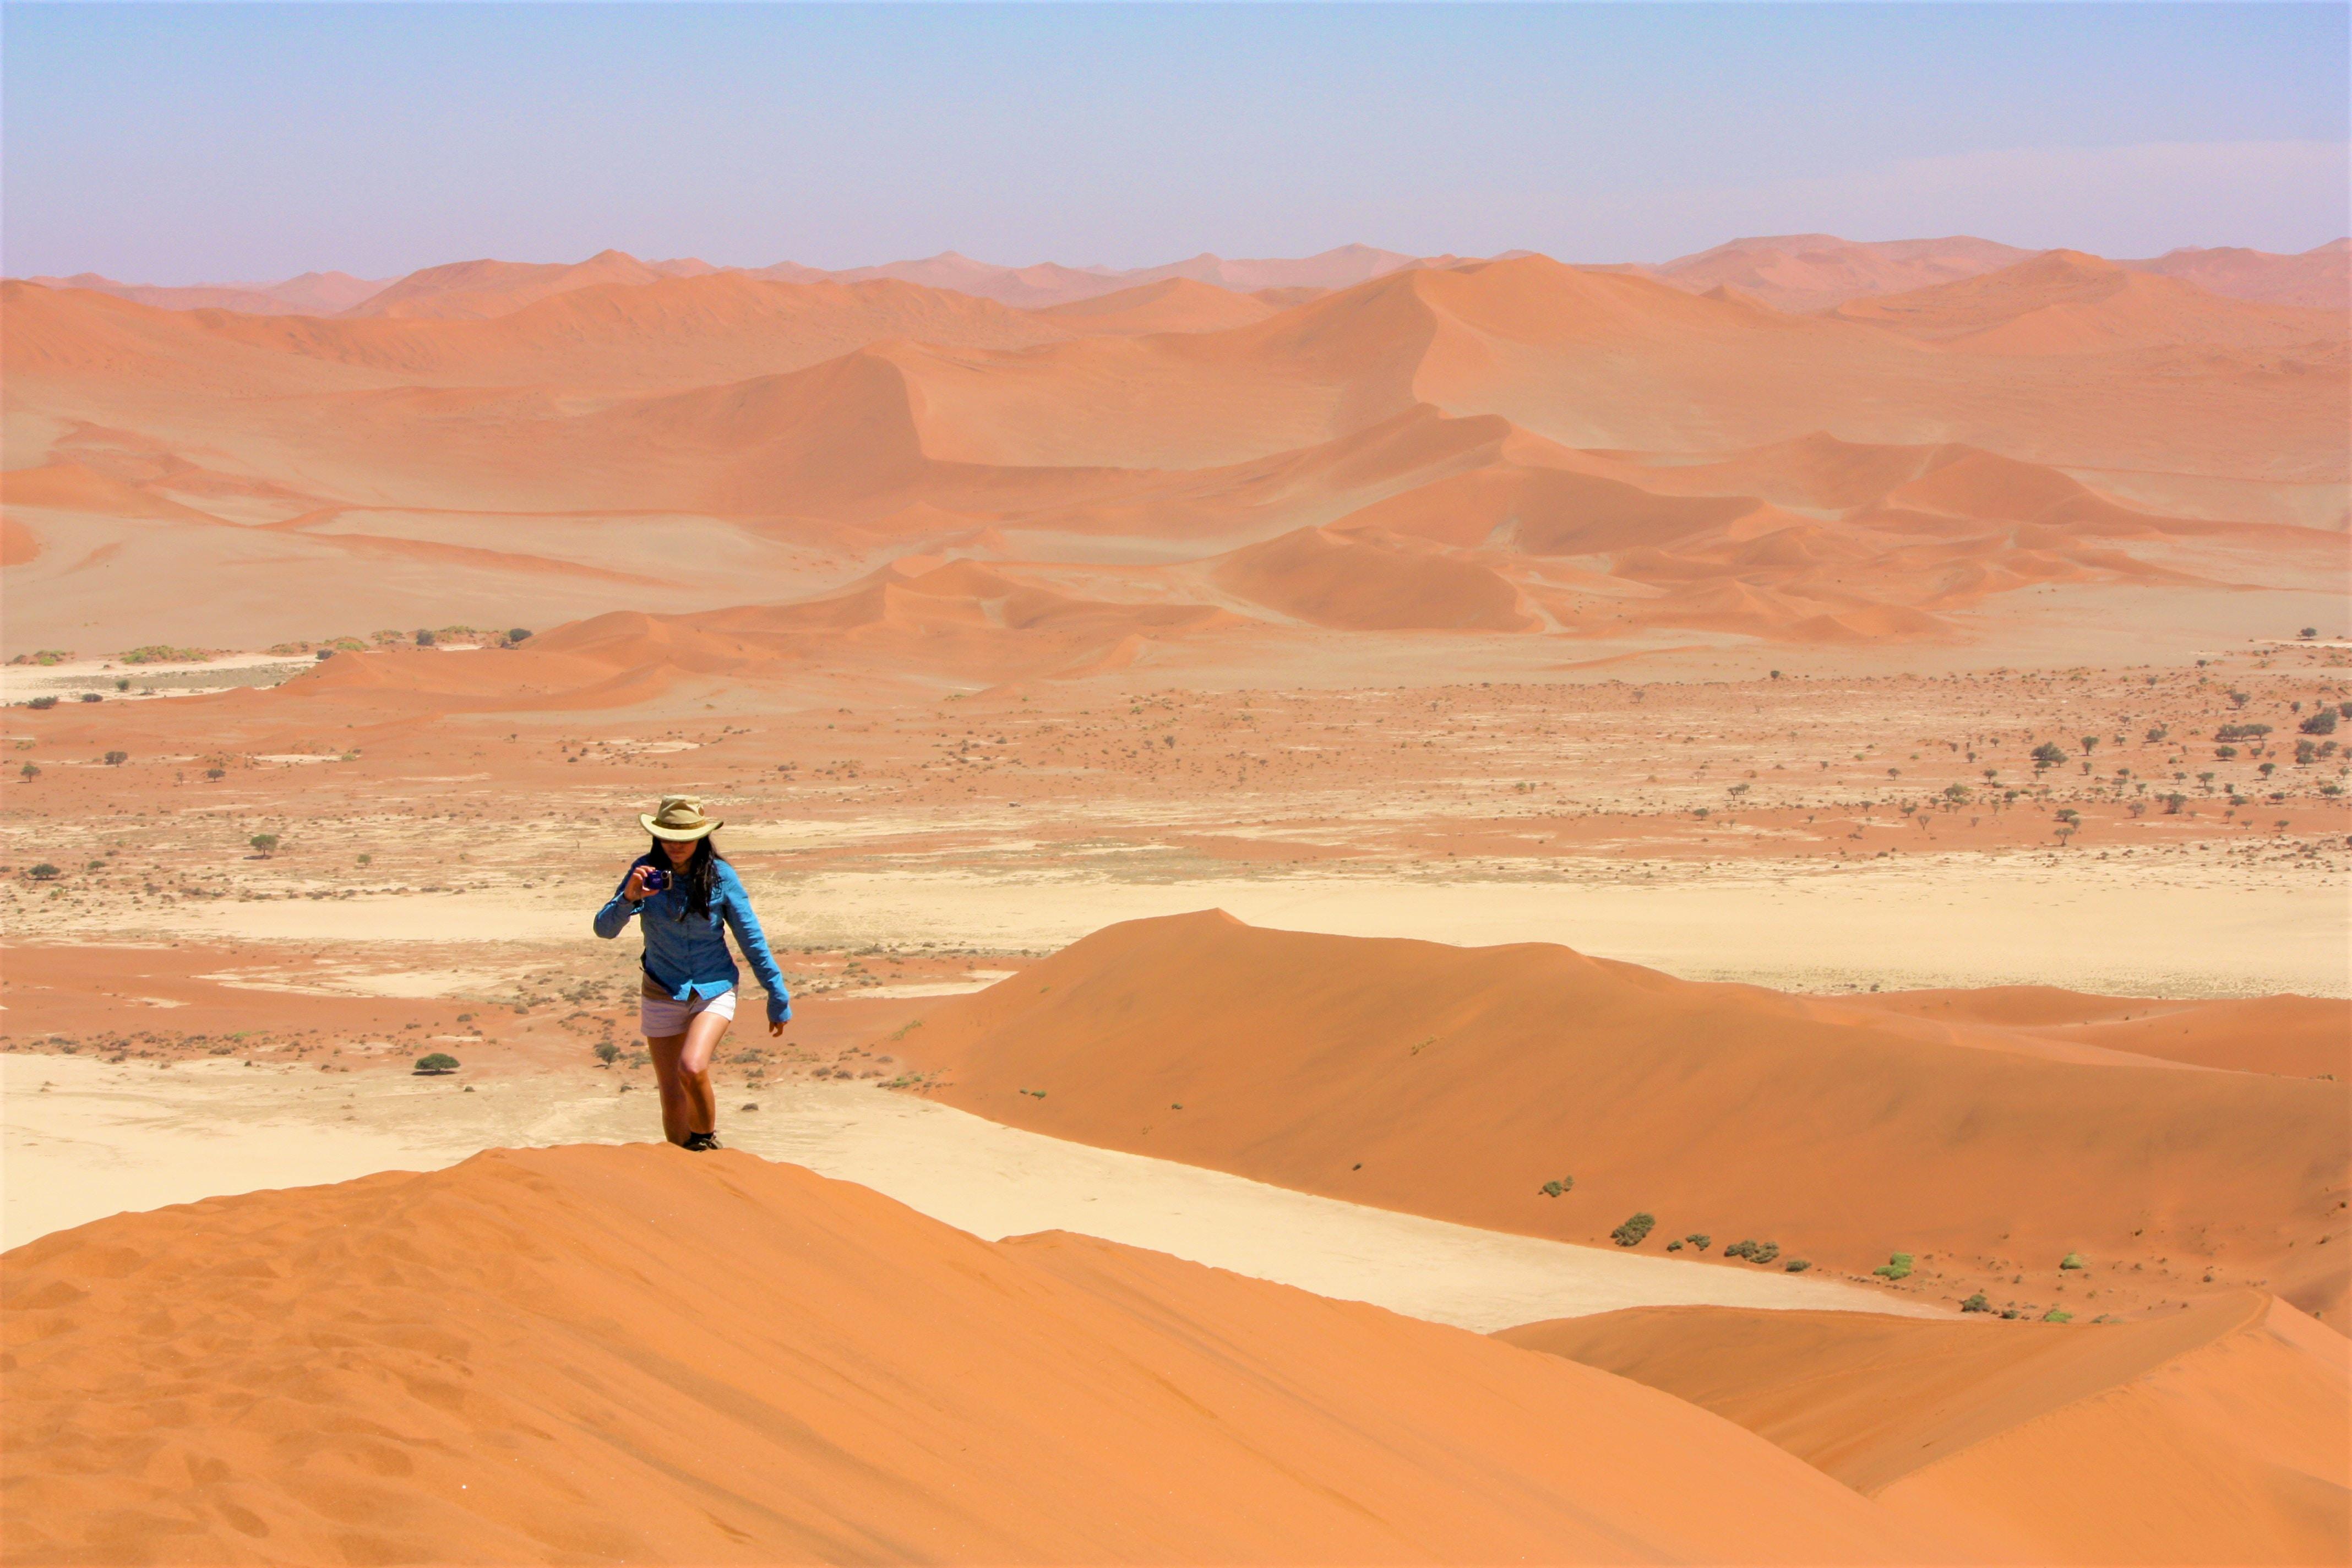 woman walking uphill in desert